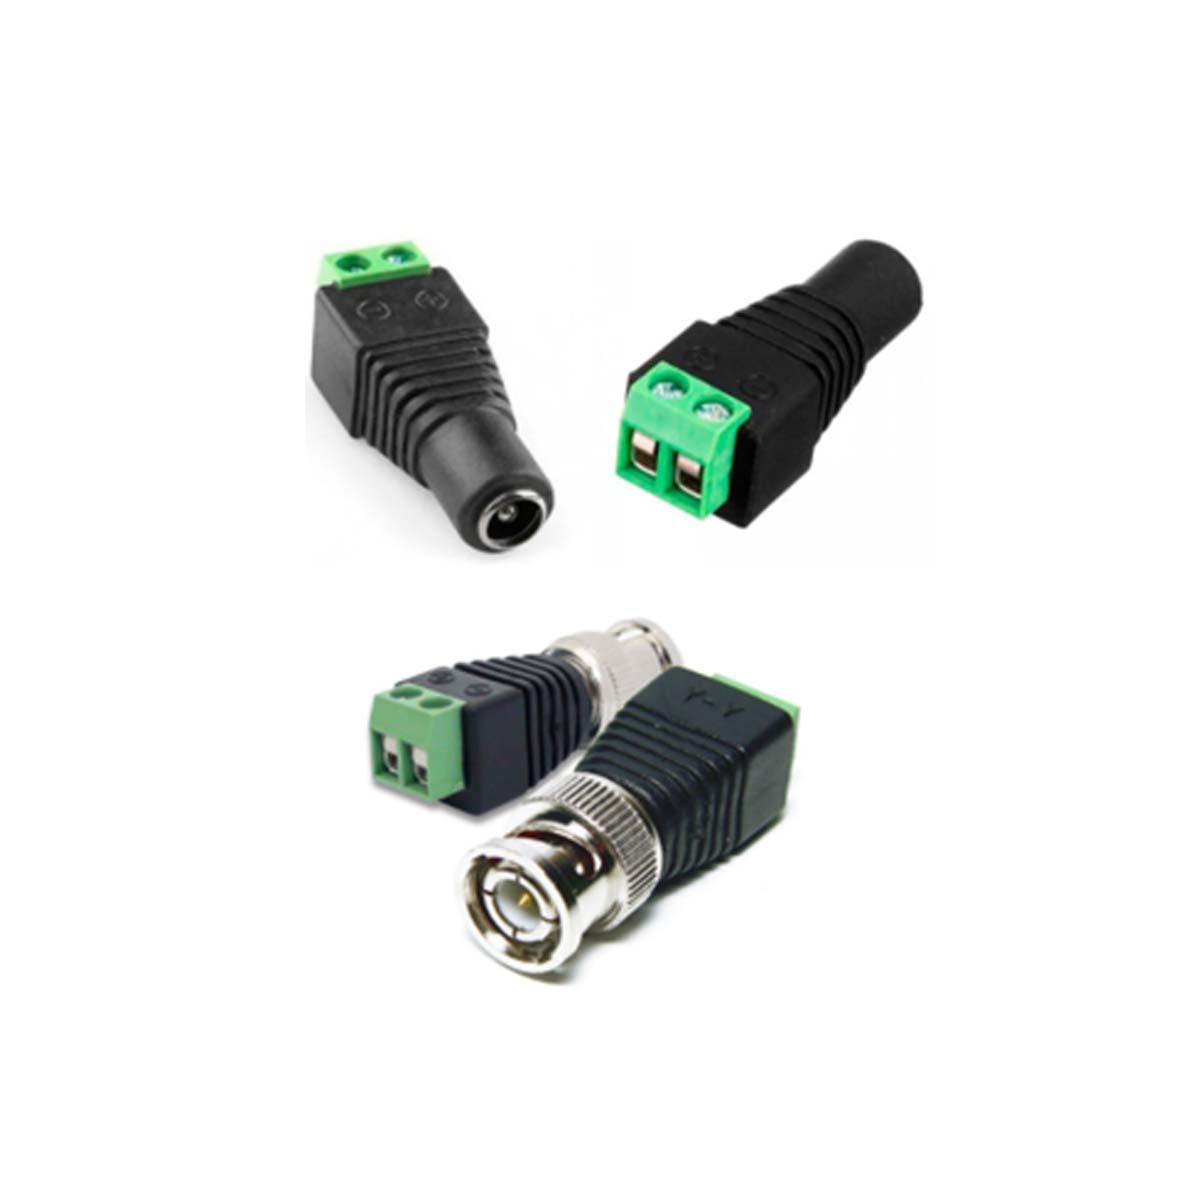 Kit CFTV 04 Câmeras VHD 1220 D Black G6 + MHDX 1104 C/ HD 2TB + Acessórios